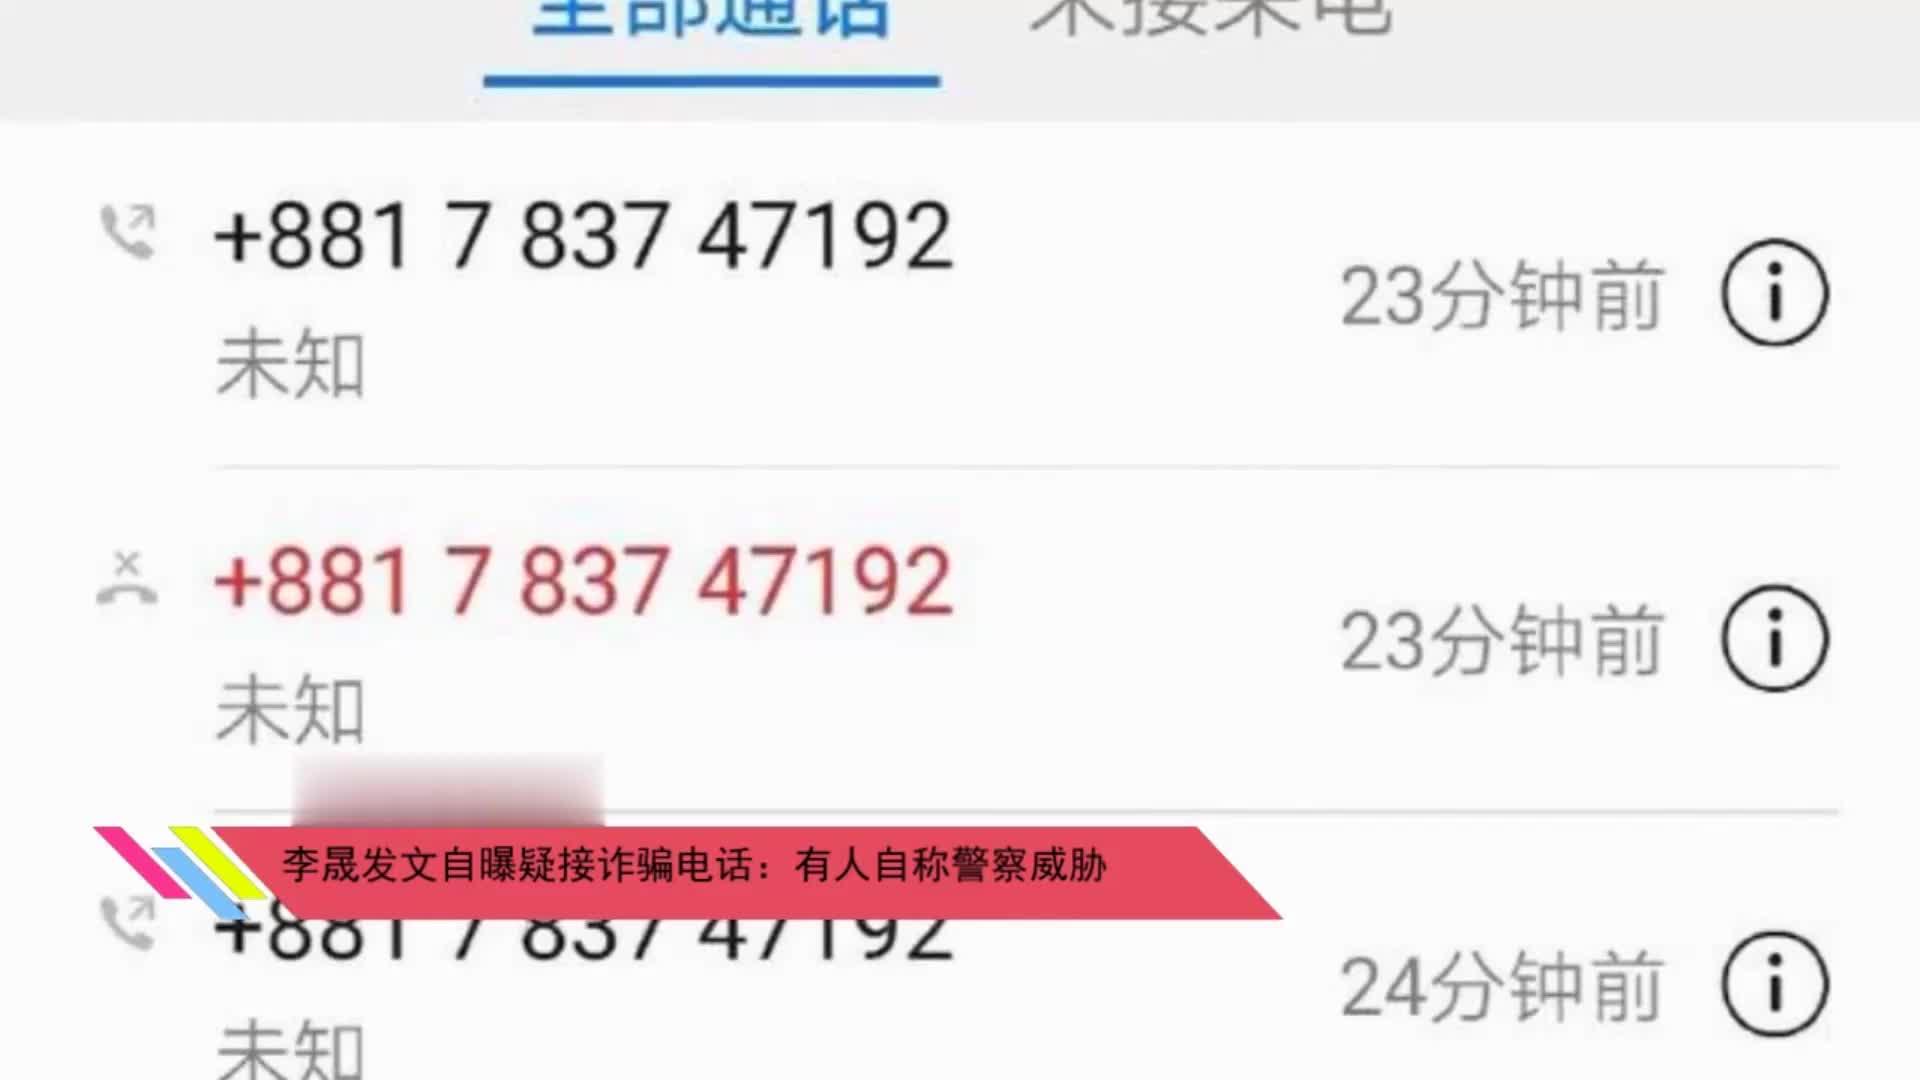 李晟发文自曝疑接诈骗电话有人自称警察威胁